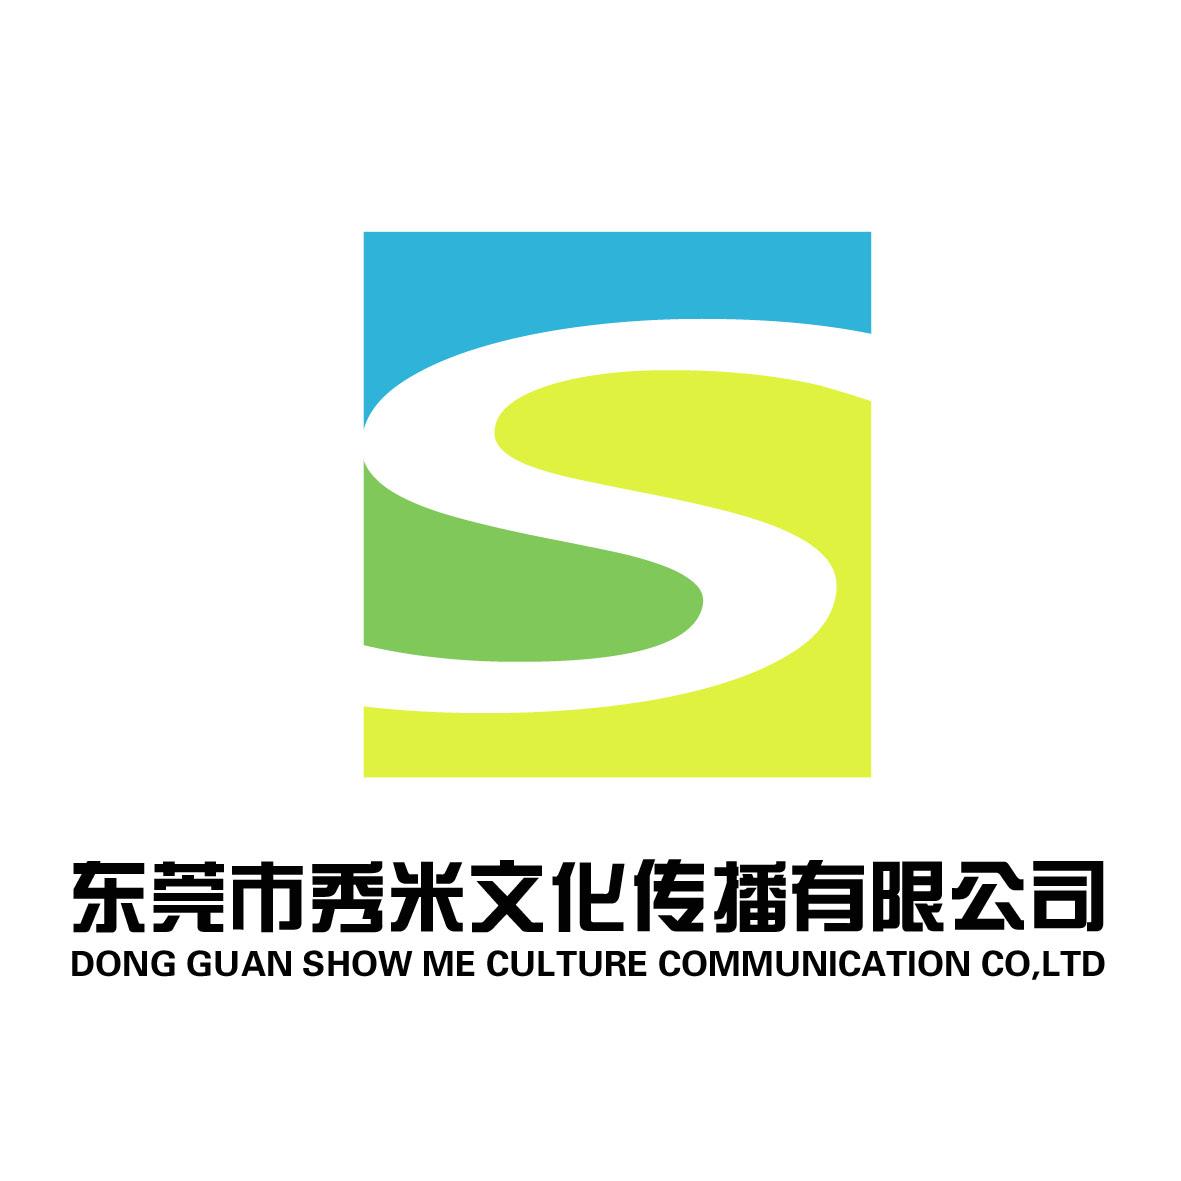 東莞市秀米文化傳播有限公司